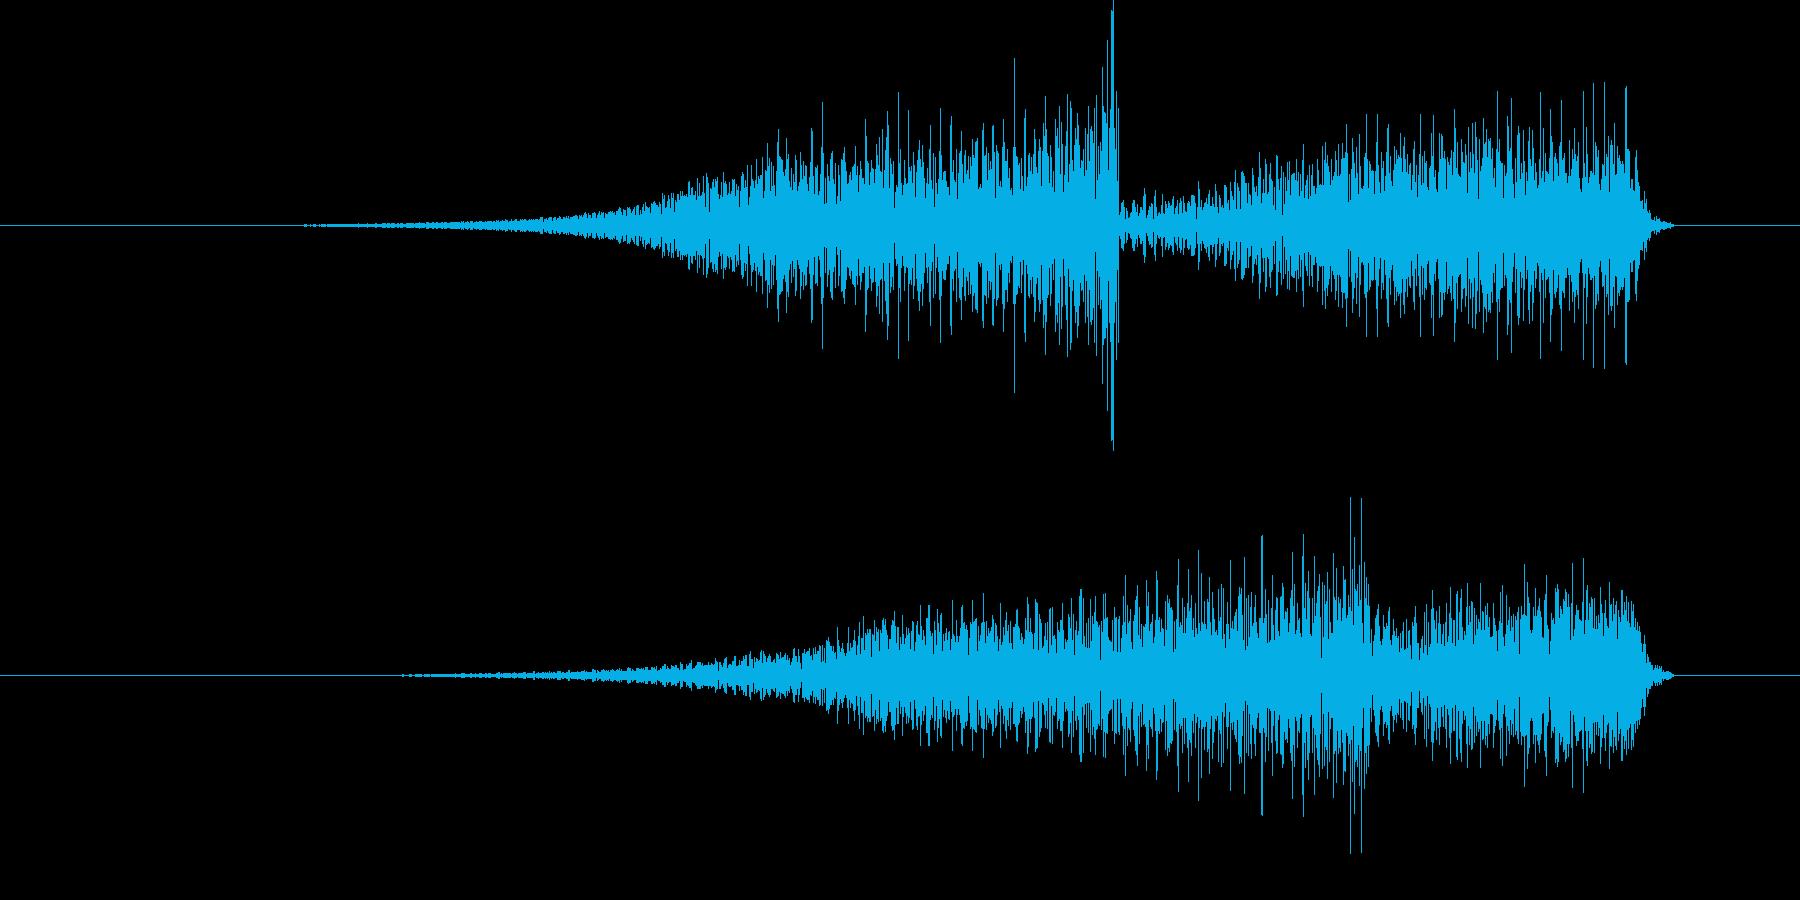 ブワブワッ (怪奇な音)の再生済みの波形